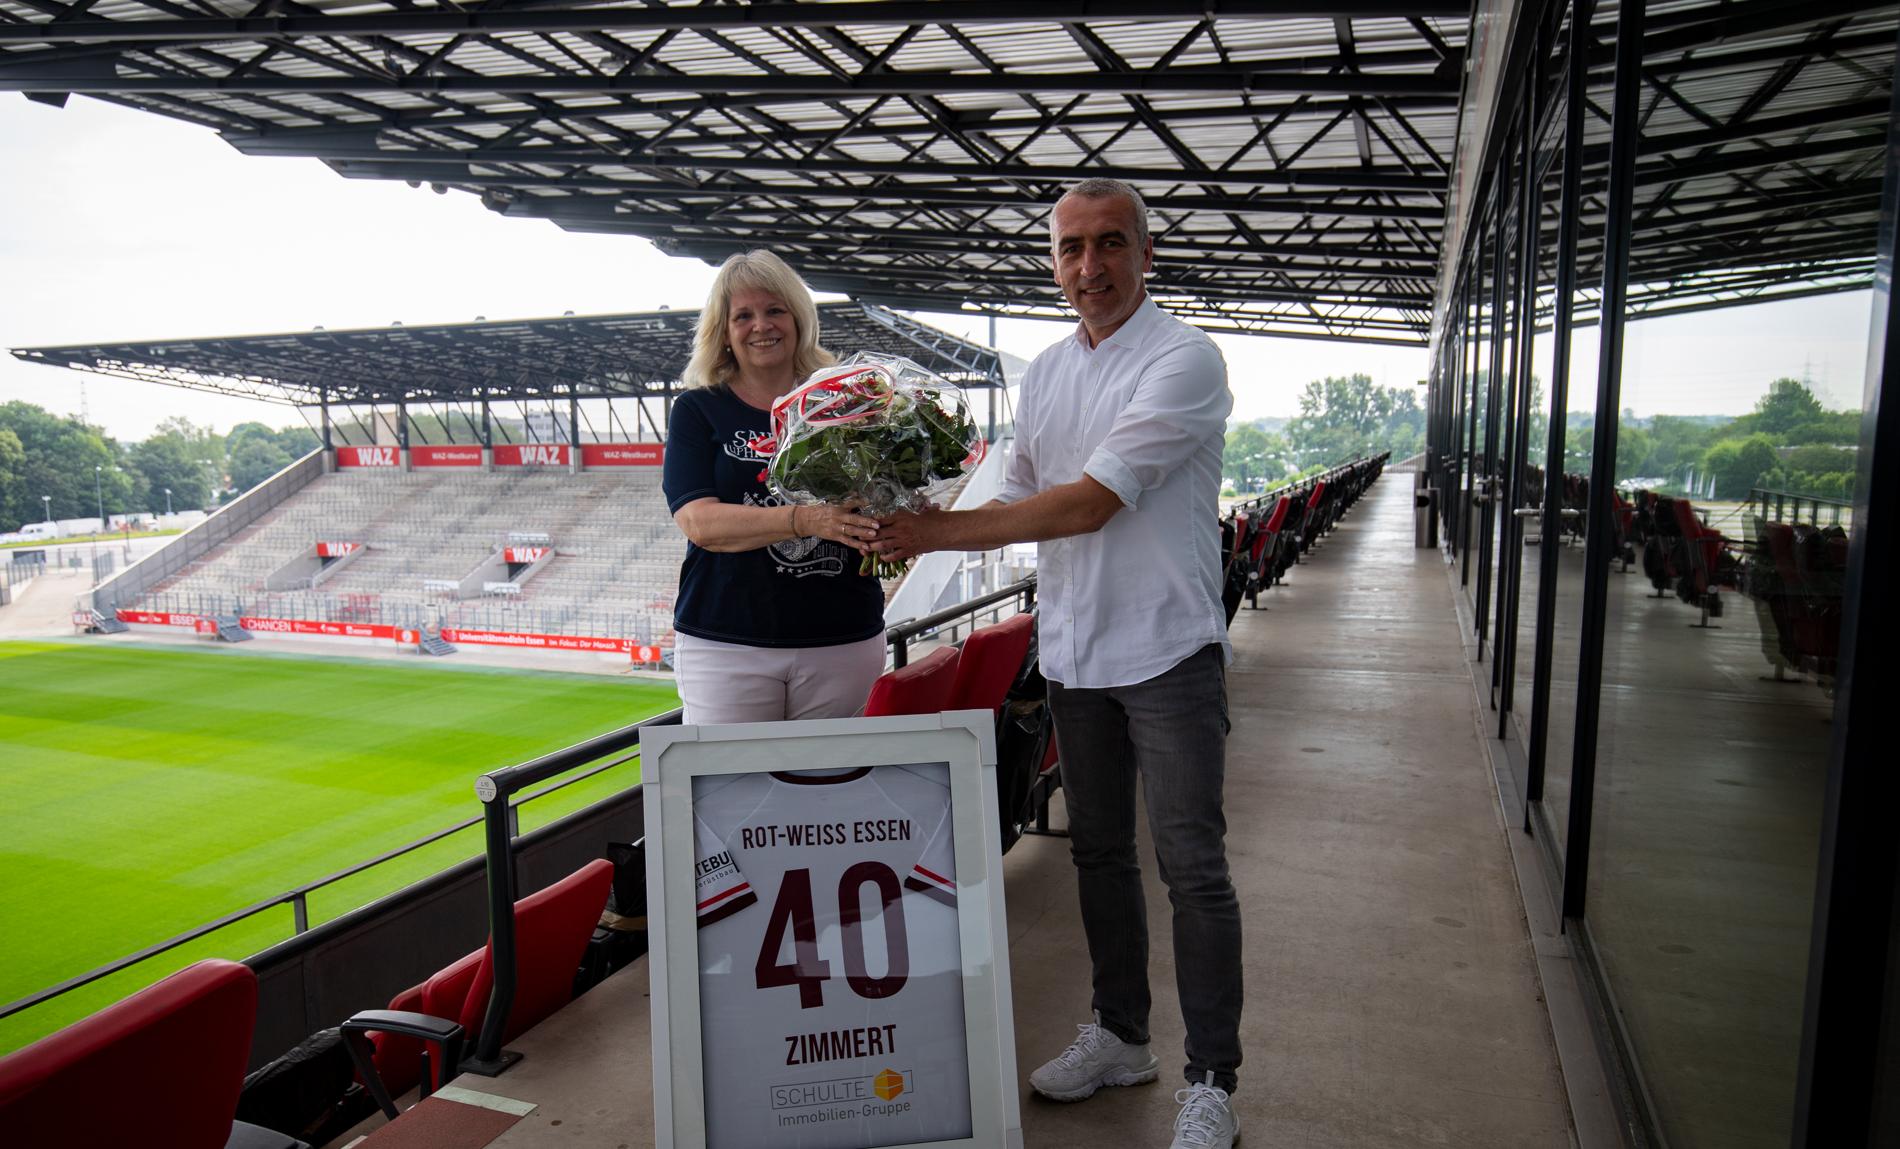 Unglaubliche 40 Jahre RWE: Vorstand Marcus Uhlig (r.) gratuliert Silvia Zimmert zu diesem tollen Jubiläum. (Foto: RWE)